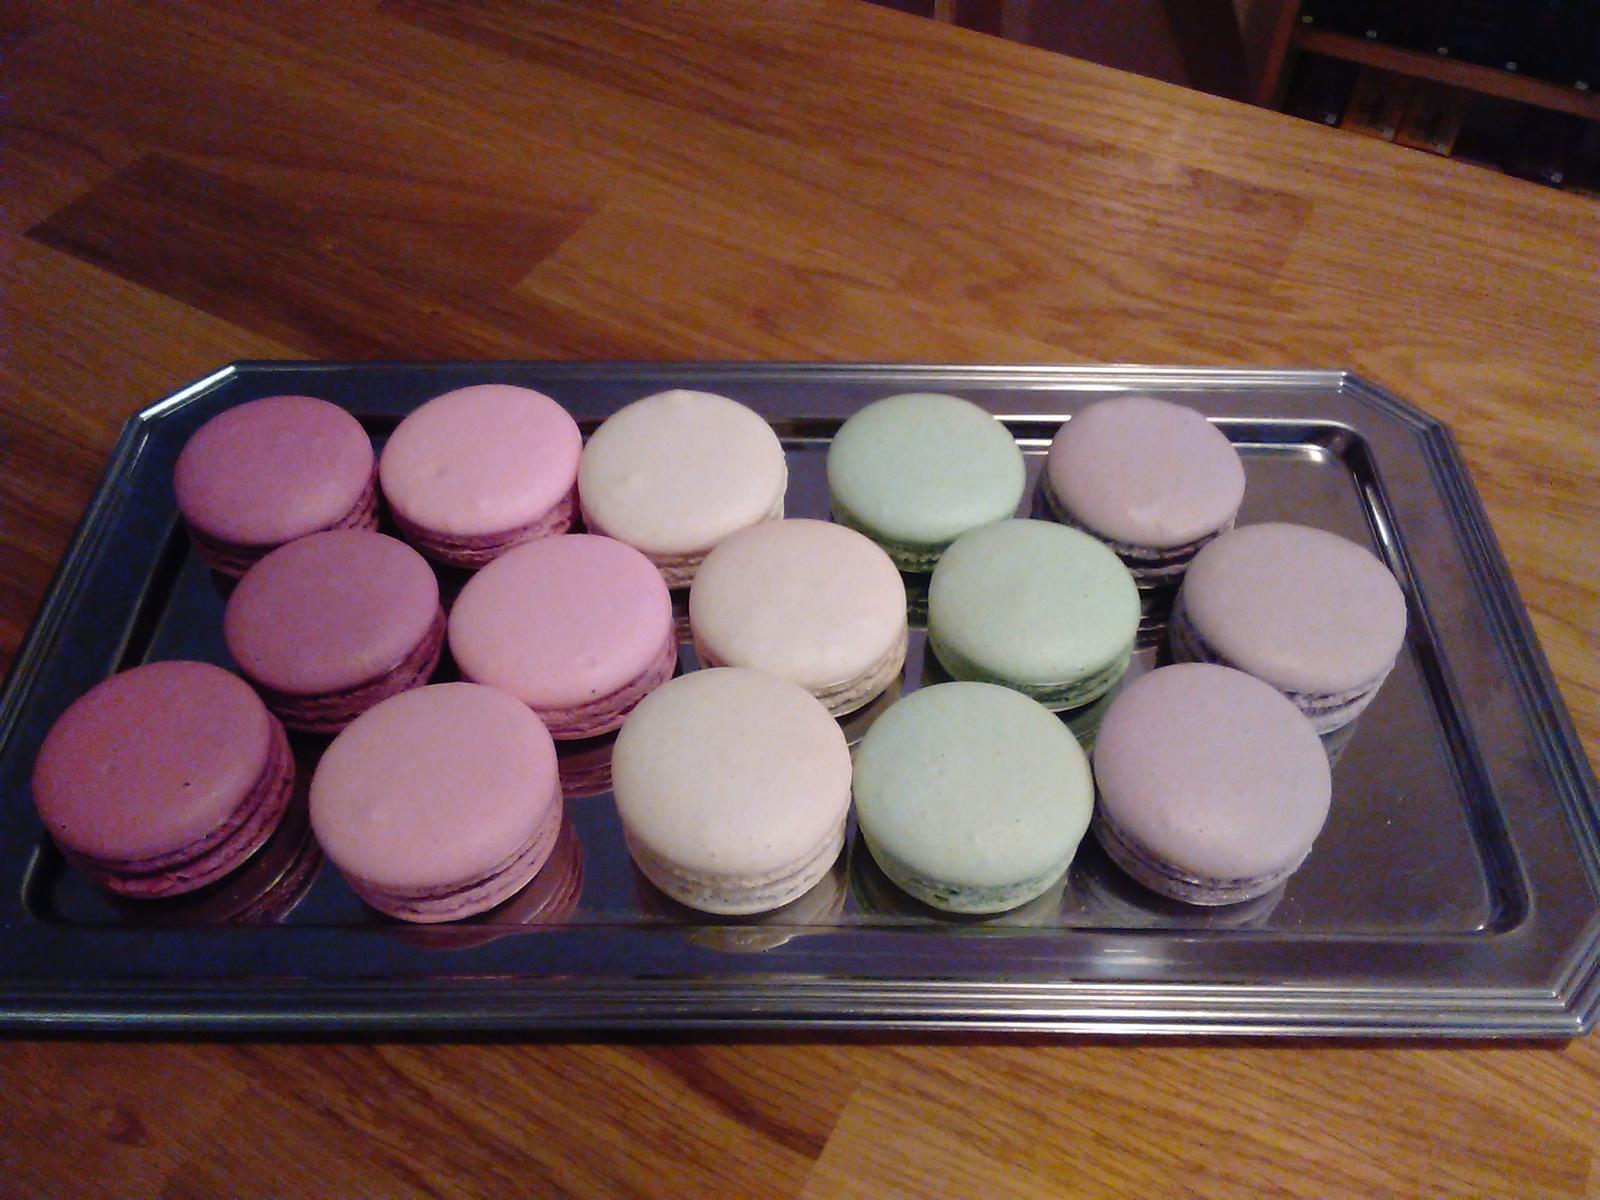 Sladký podzim v mojí kavárně - Hořká čokoláda, černý rybíz, malina, čokoládová-mint,  vanilka